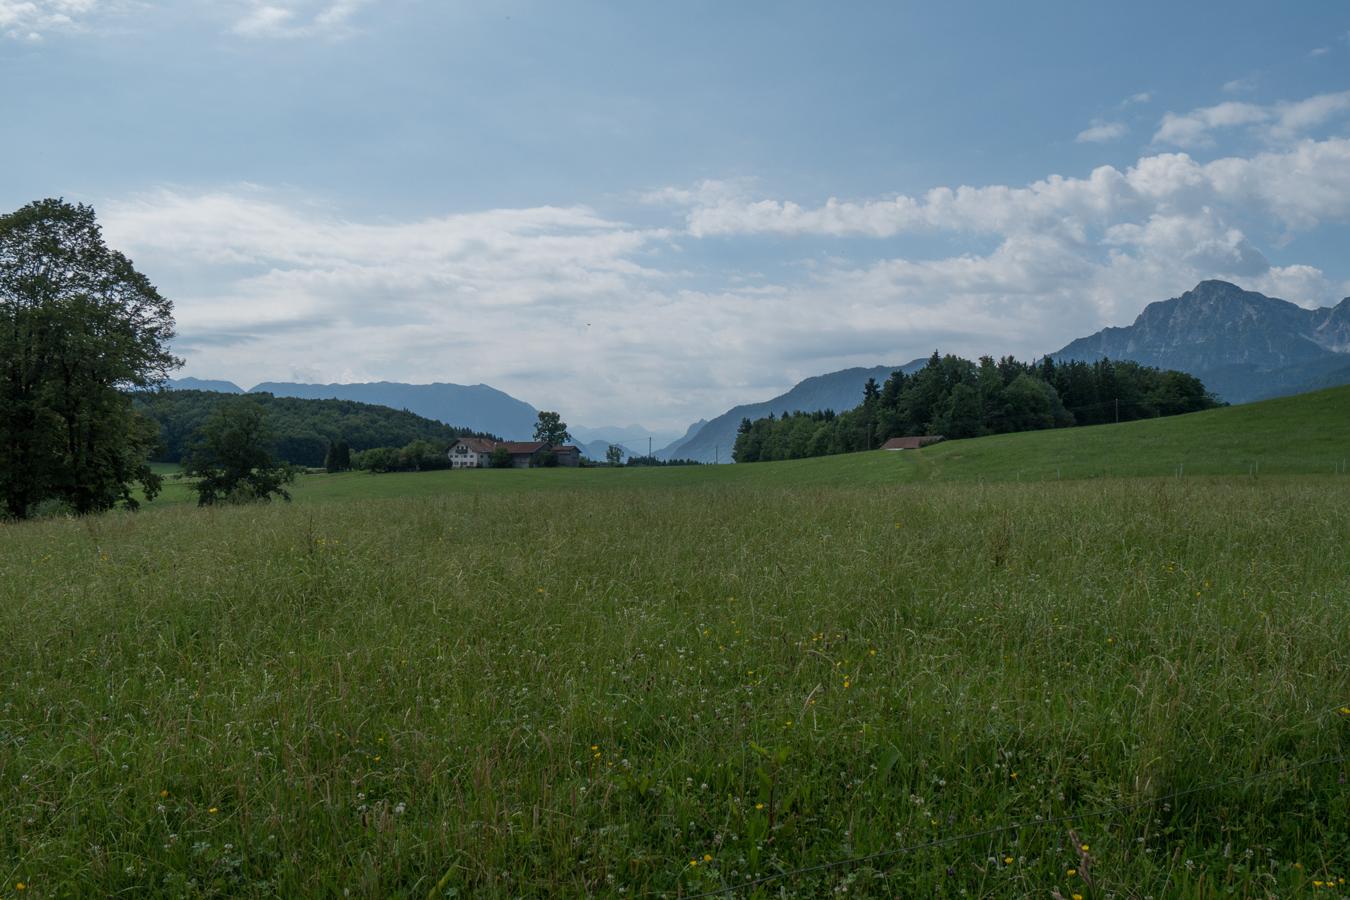 Ein Durchblick zu den Berchtesgadener Alpen